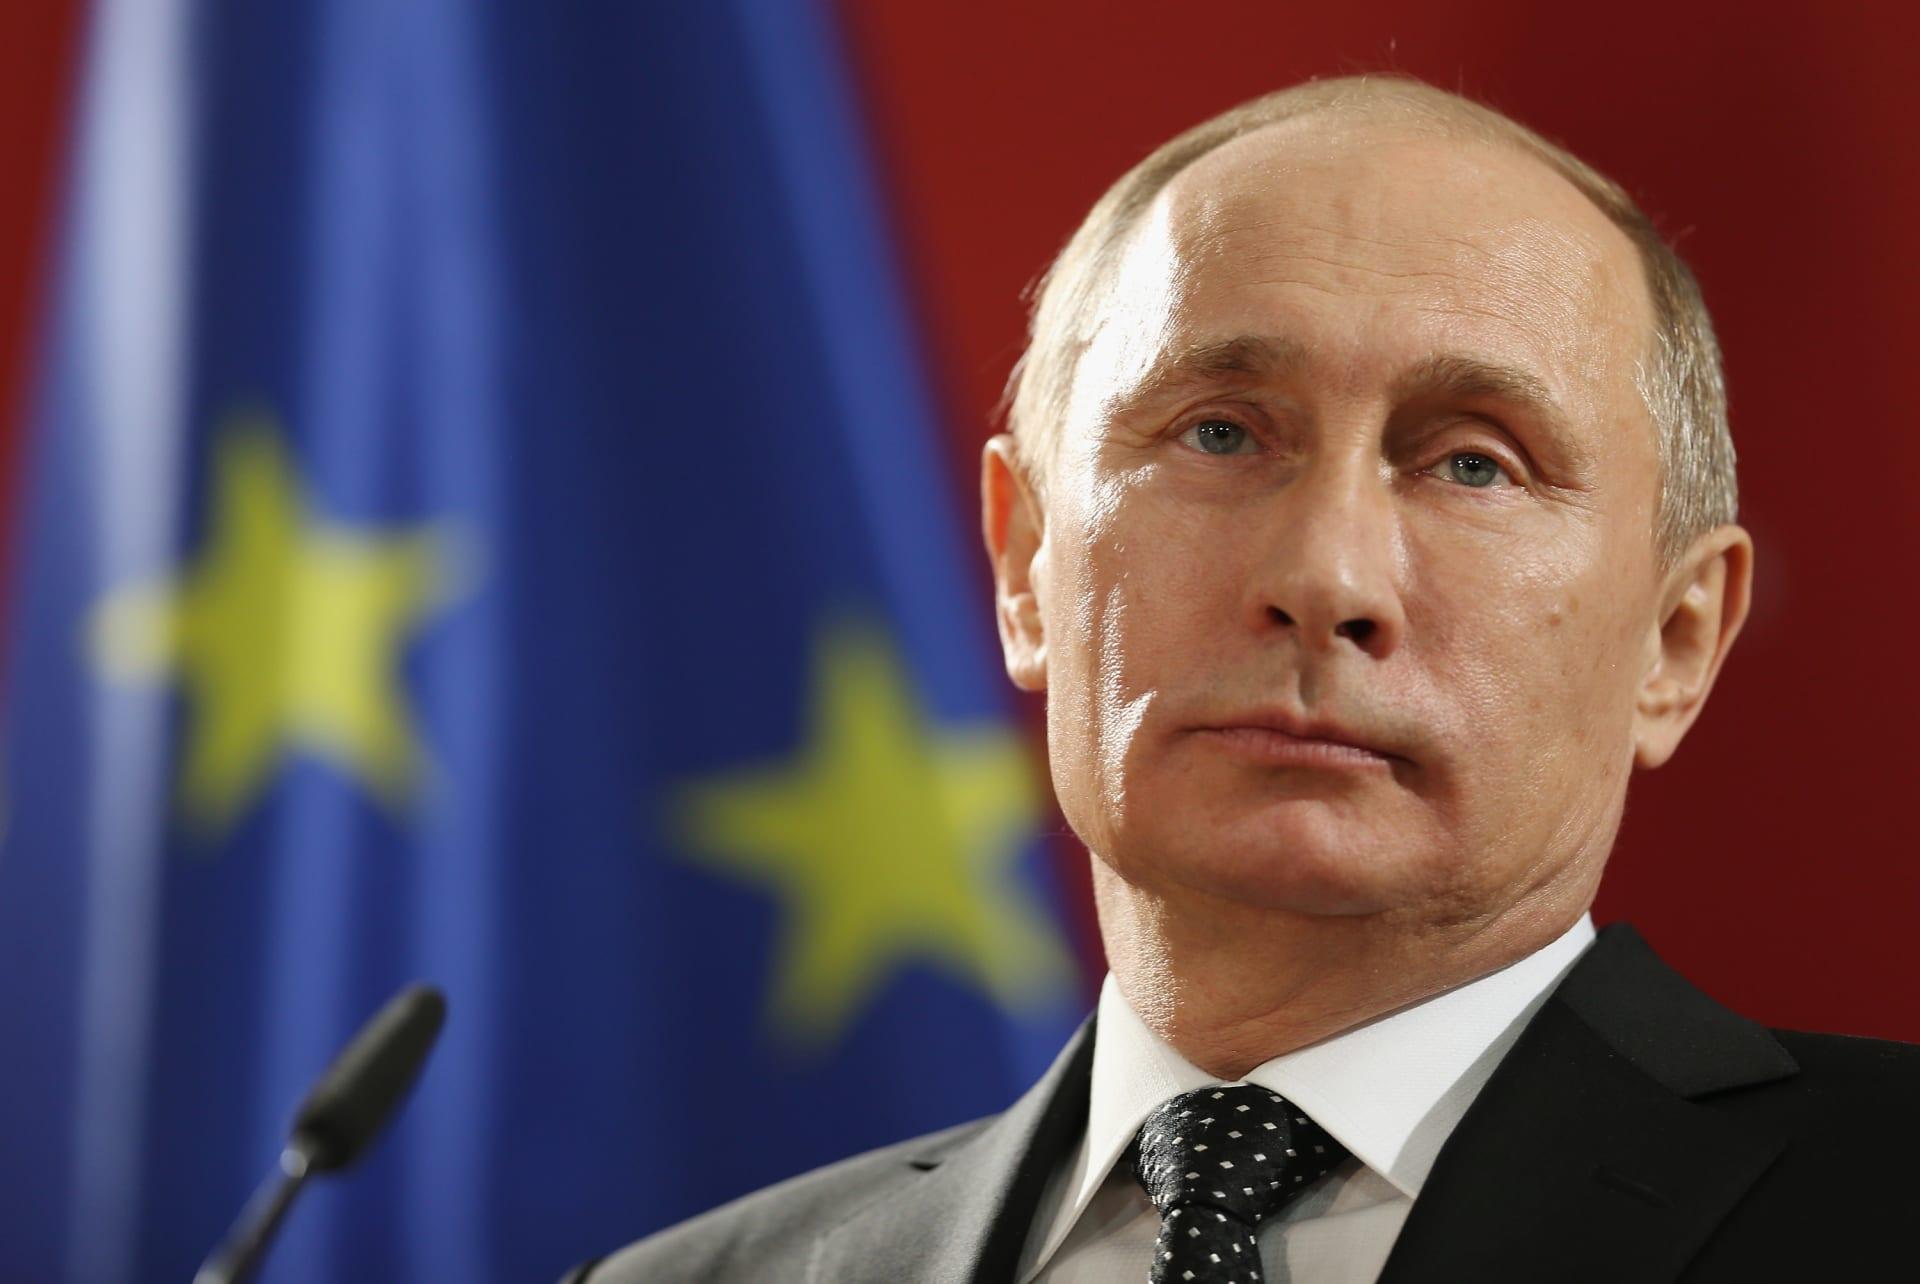 بوتين يوقع مرسوماً بتوسيع العقوبات على تركيا وموسكو تعلن استعدادها لزيادة حصة أنقرة من الغاز